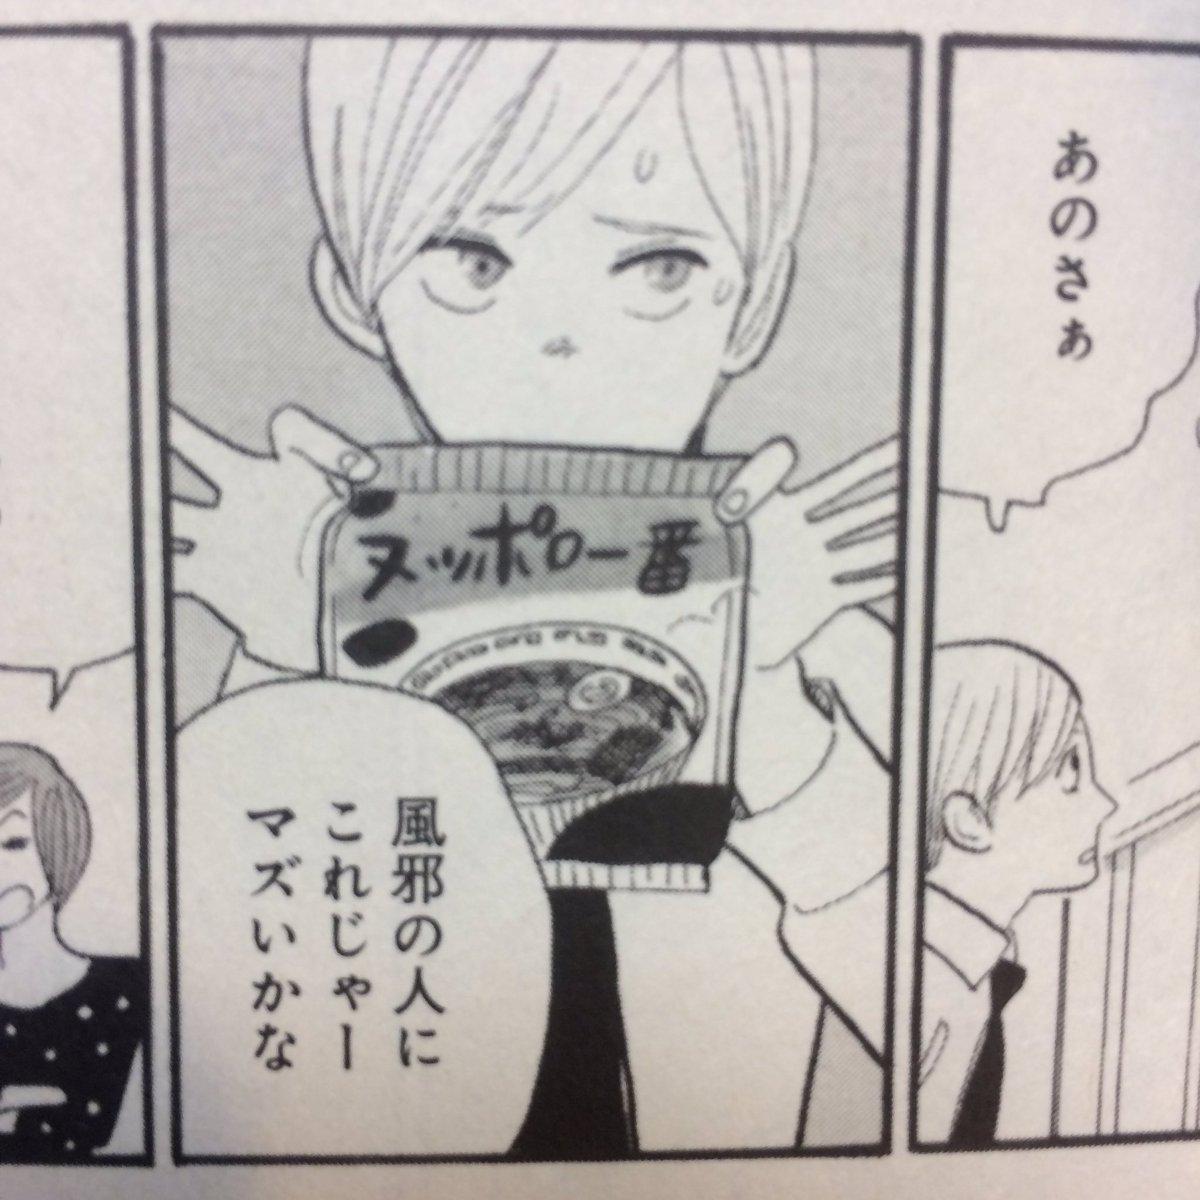 ヌッポロ一番は雲田さんのマンガにもよく出てきます笑  漫画版「舟を編む」にもなんども出てきますよ🍜🍥